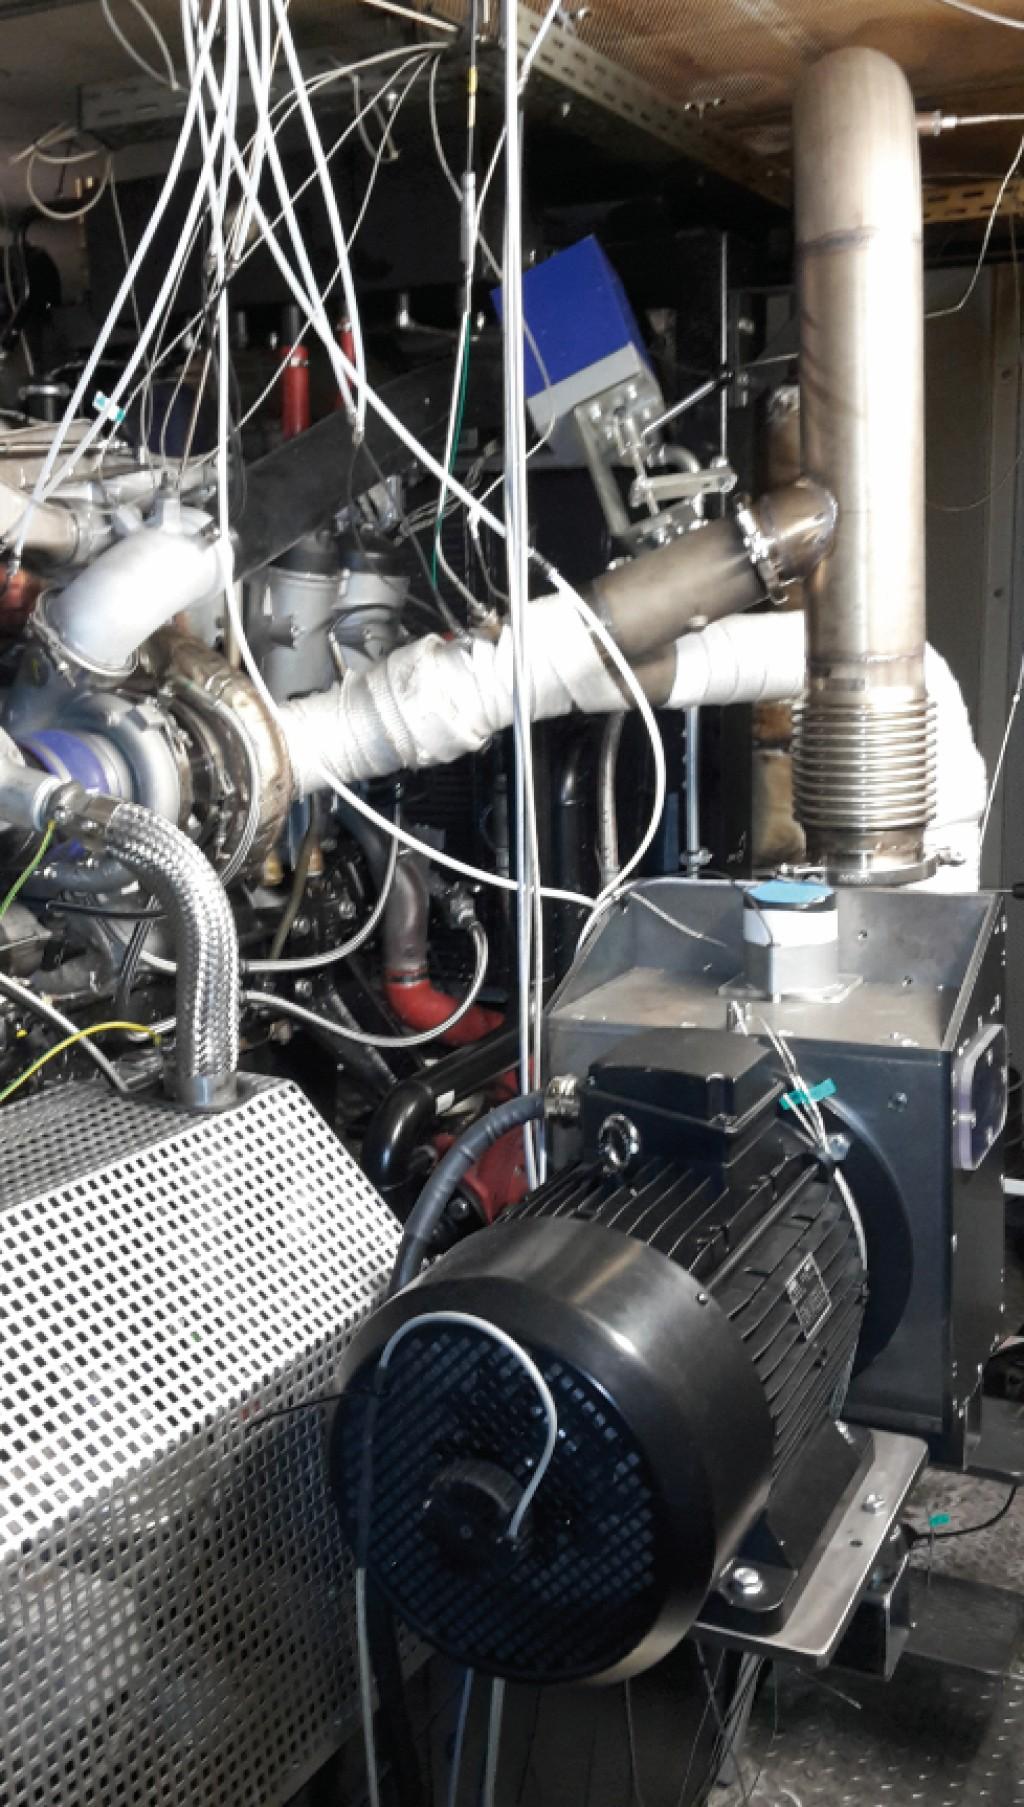 Bild 3 Turbinen-Generator-Einheit am BHKW-Prüfstand. Bild: OTH Amberg-Weiden